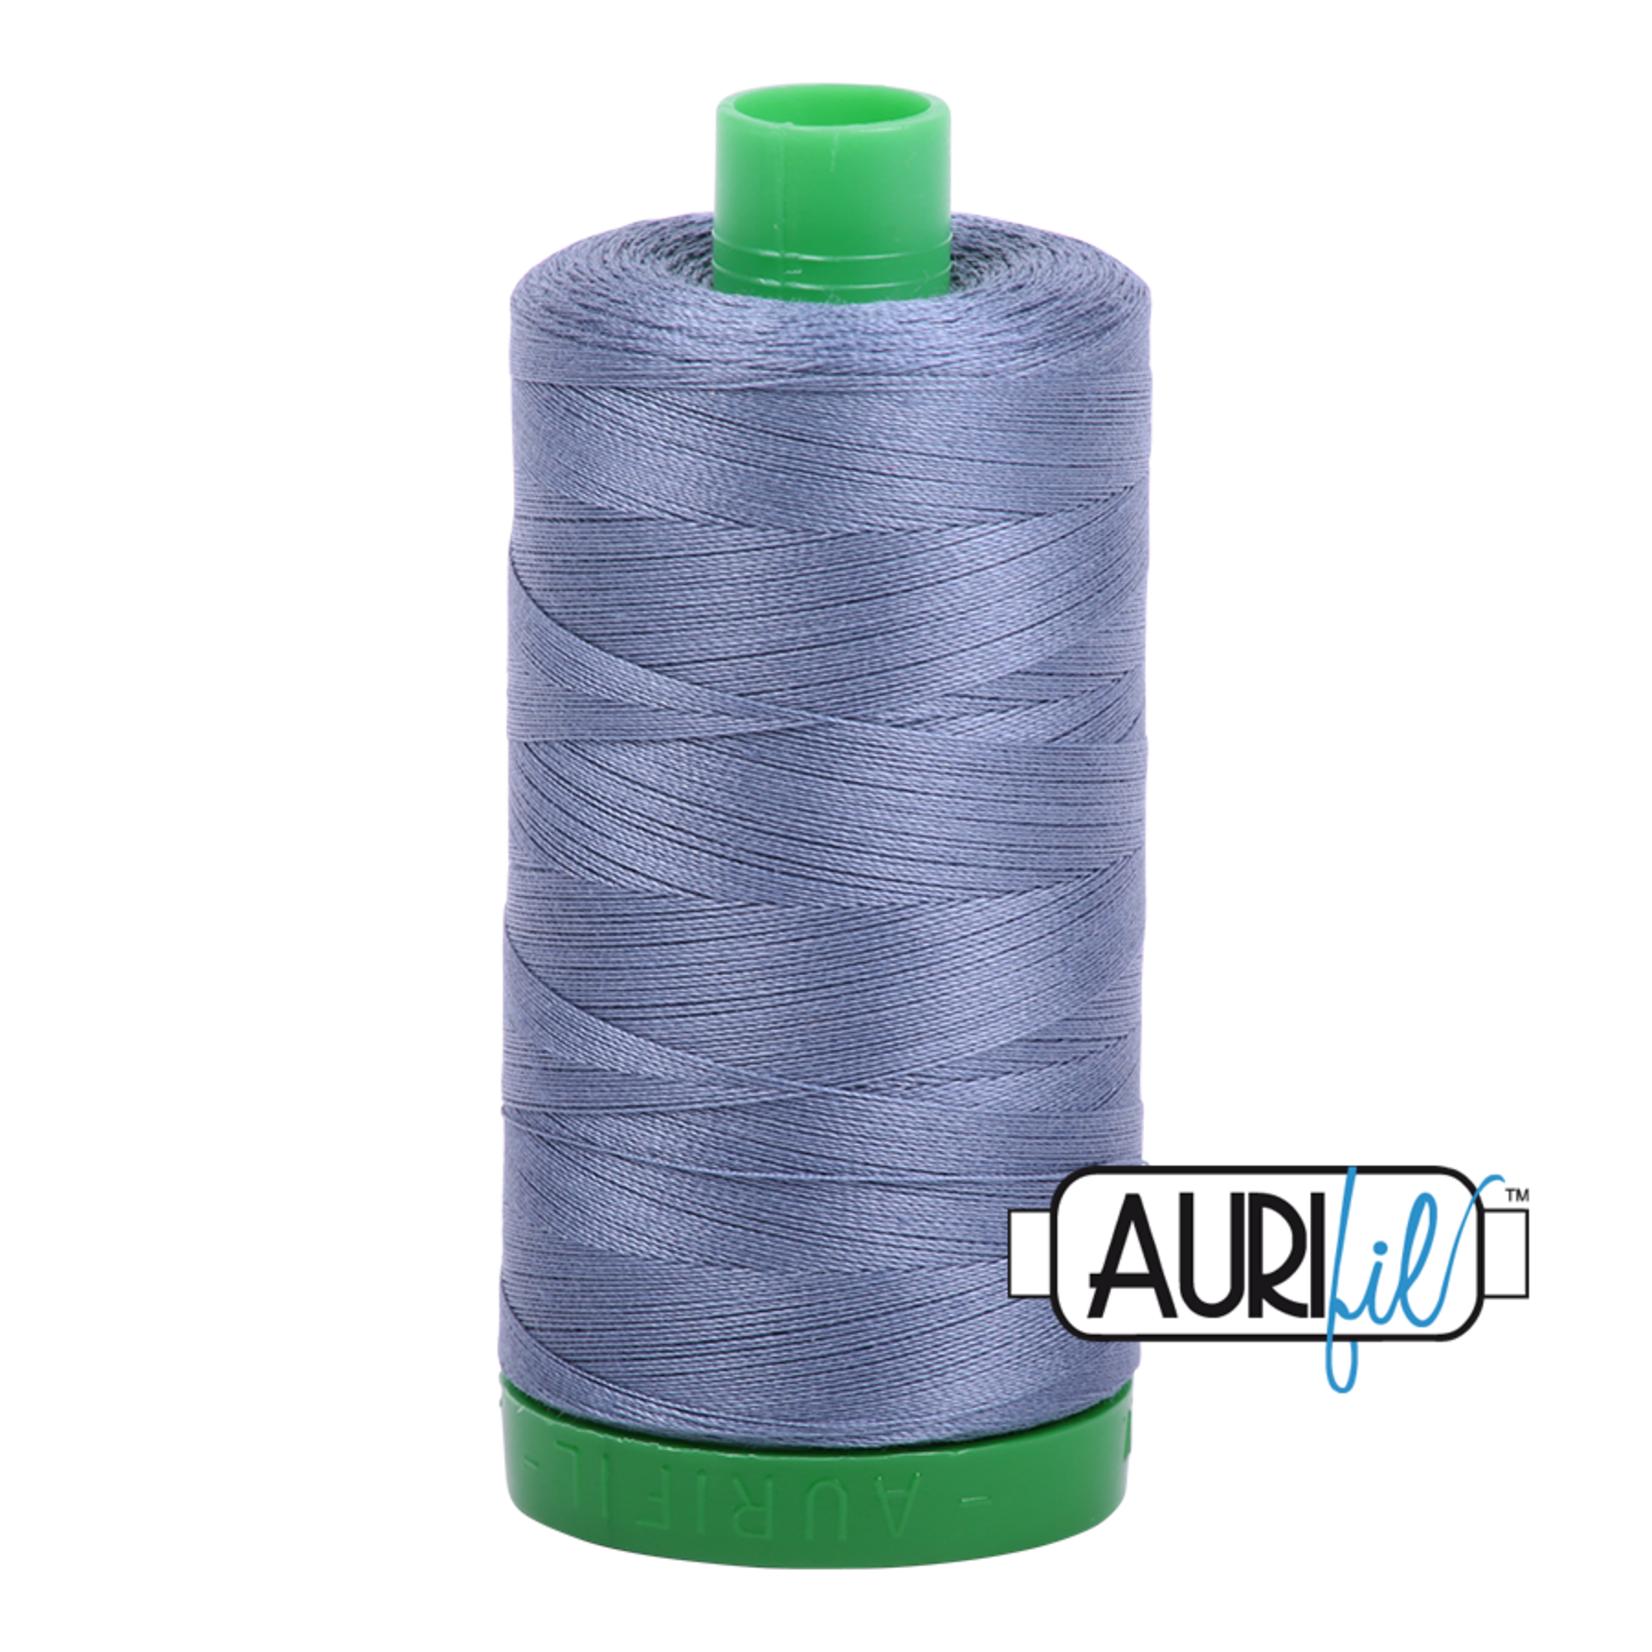 AURIFIL AURIFIL 40 WT Dark Grey Blue 1248